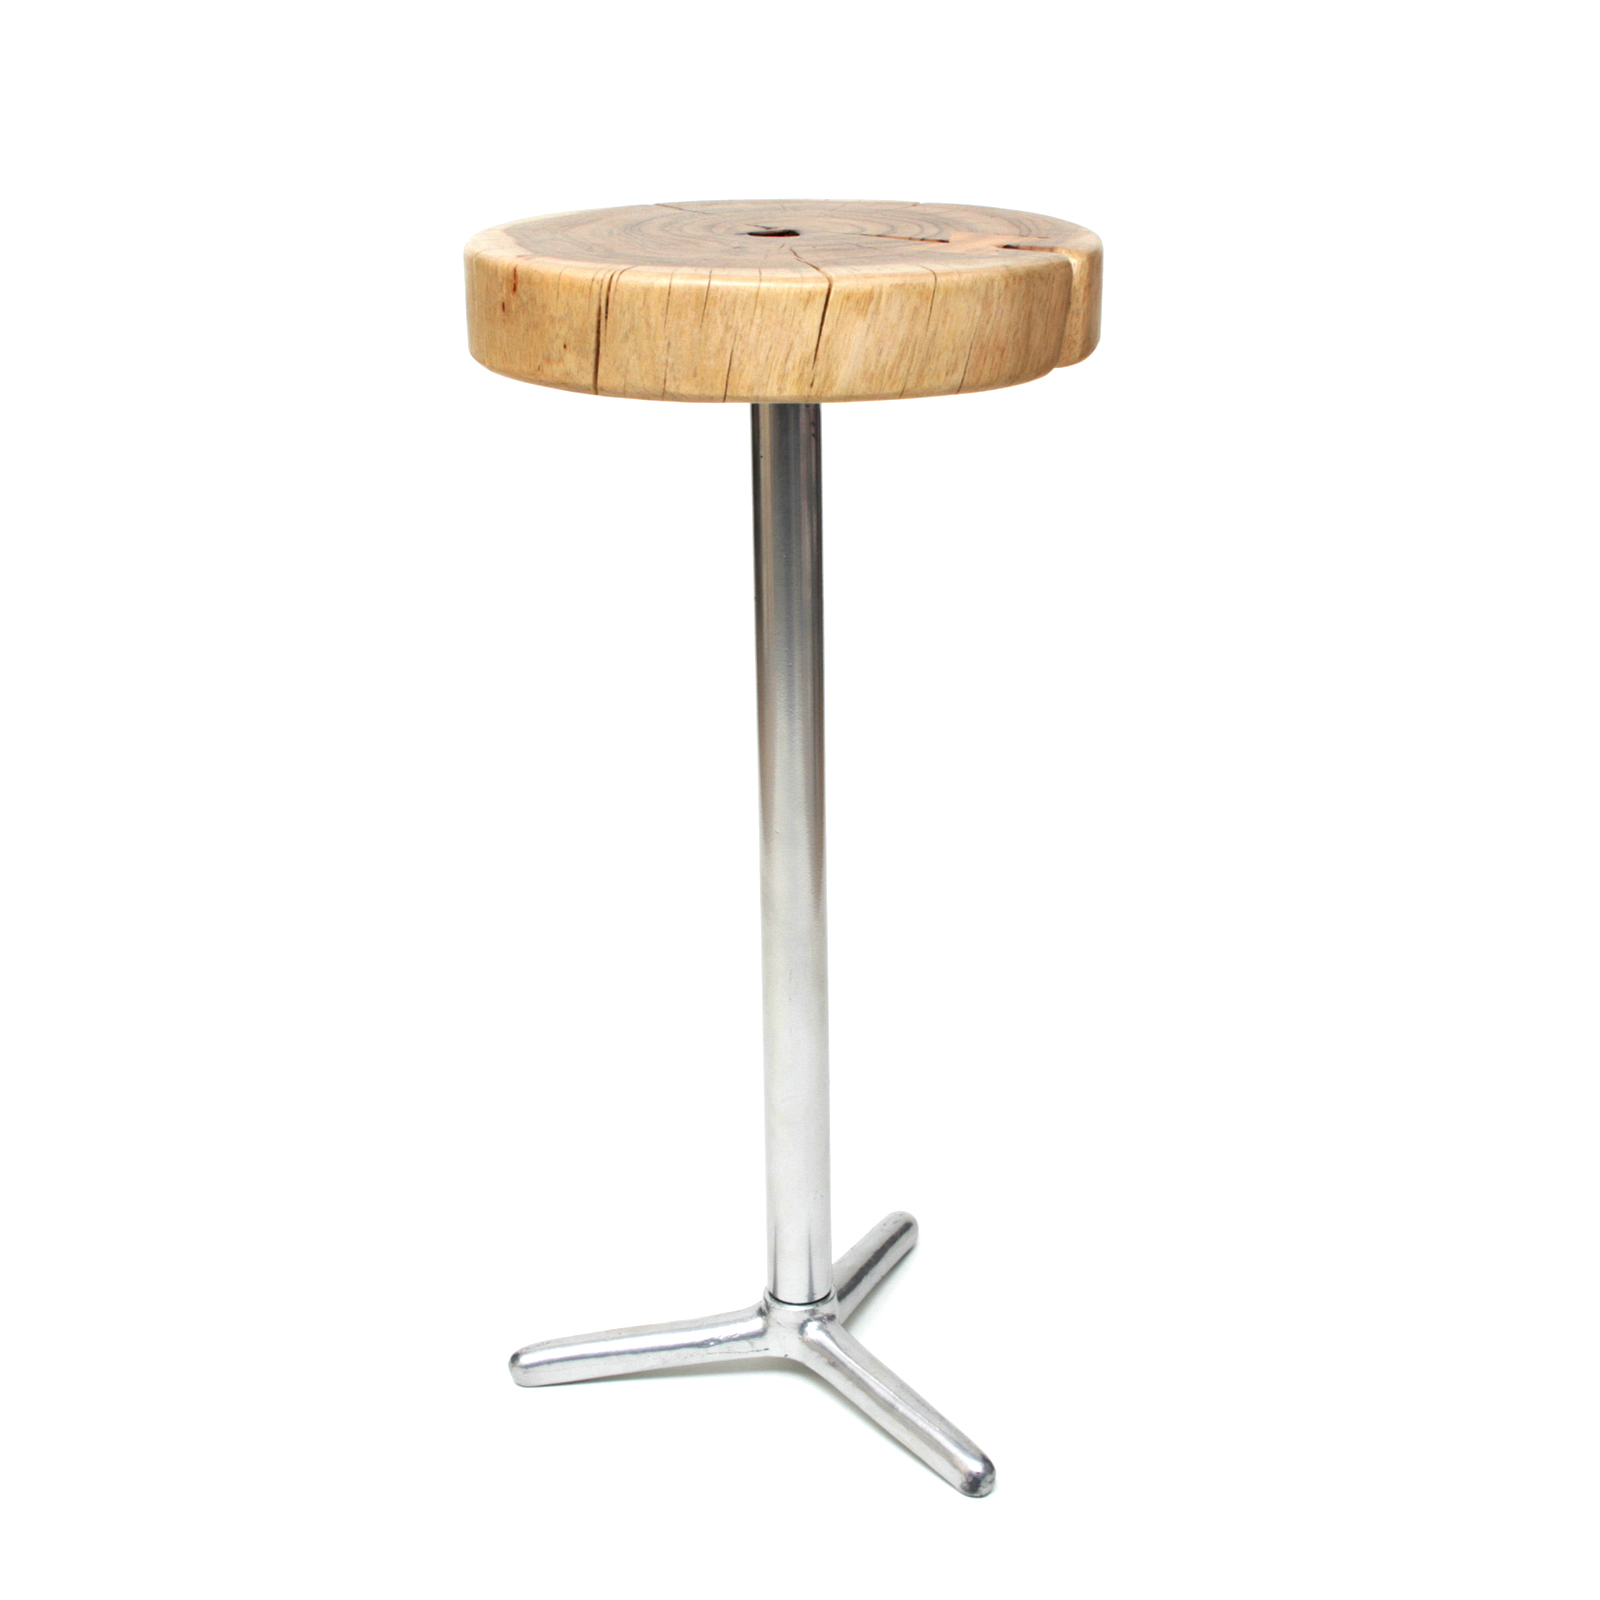 hocker sitz beistelltisch stuhl holz metall stahl akazienholz massiv nachttisch ebay. Black Bedroom Furniture Sets. Home Design Ideas